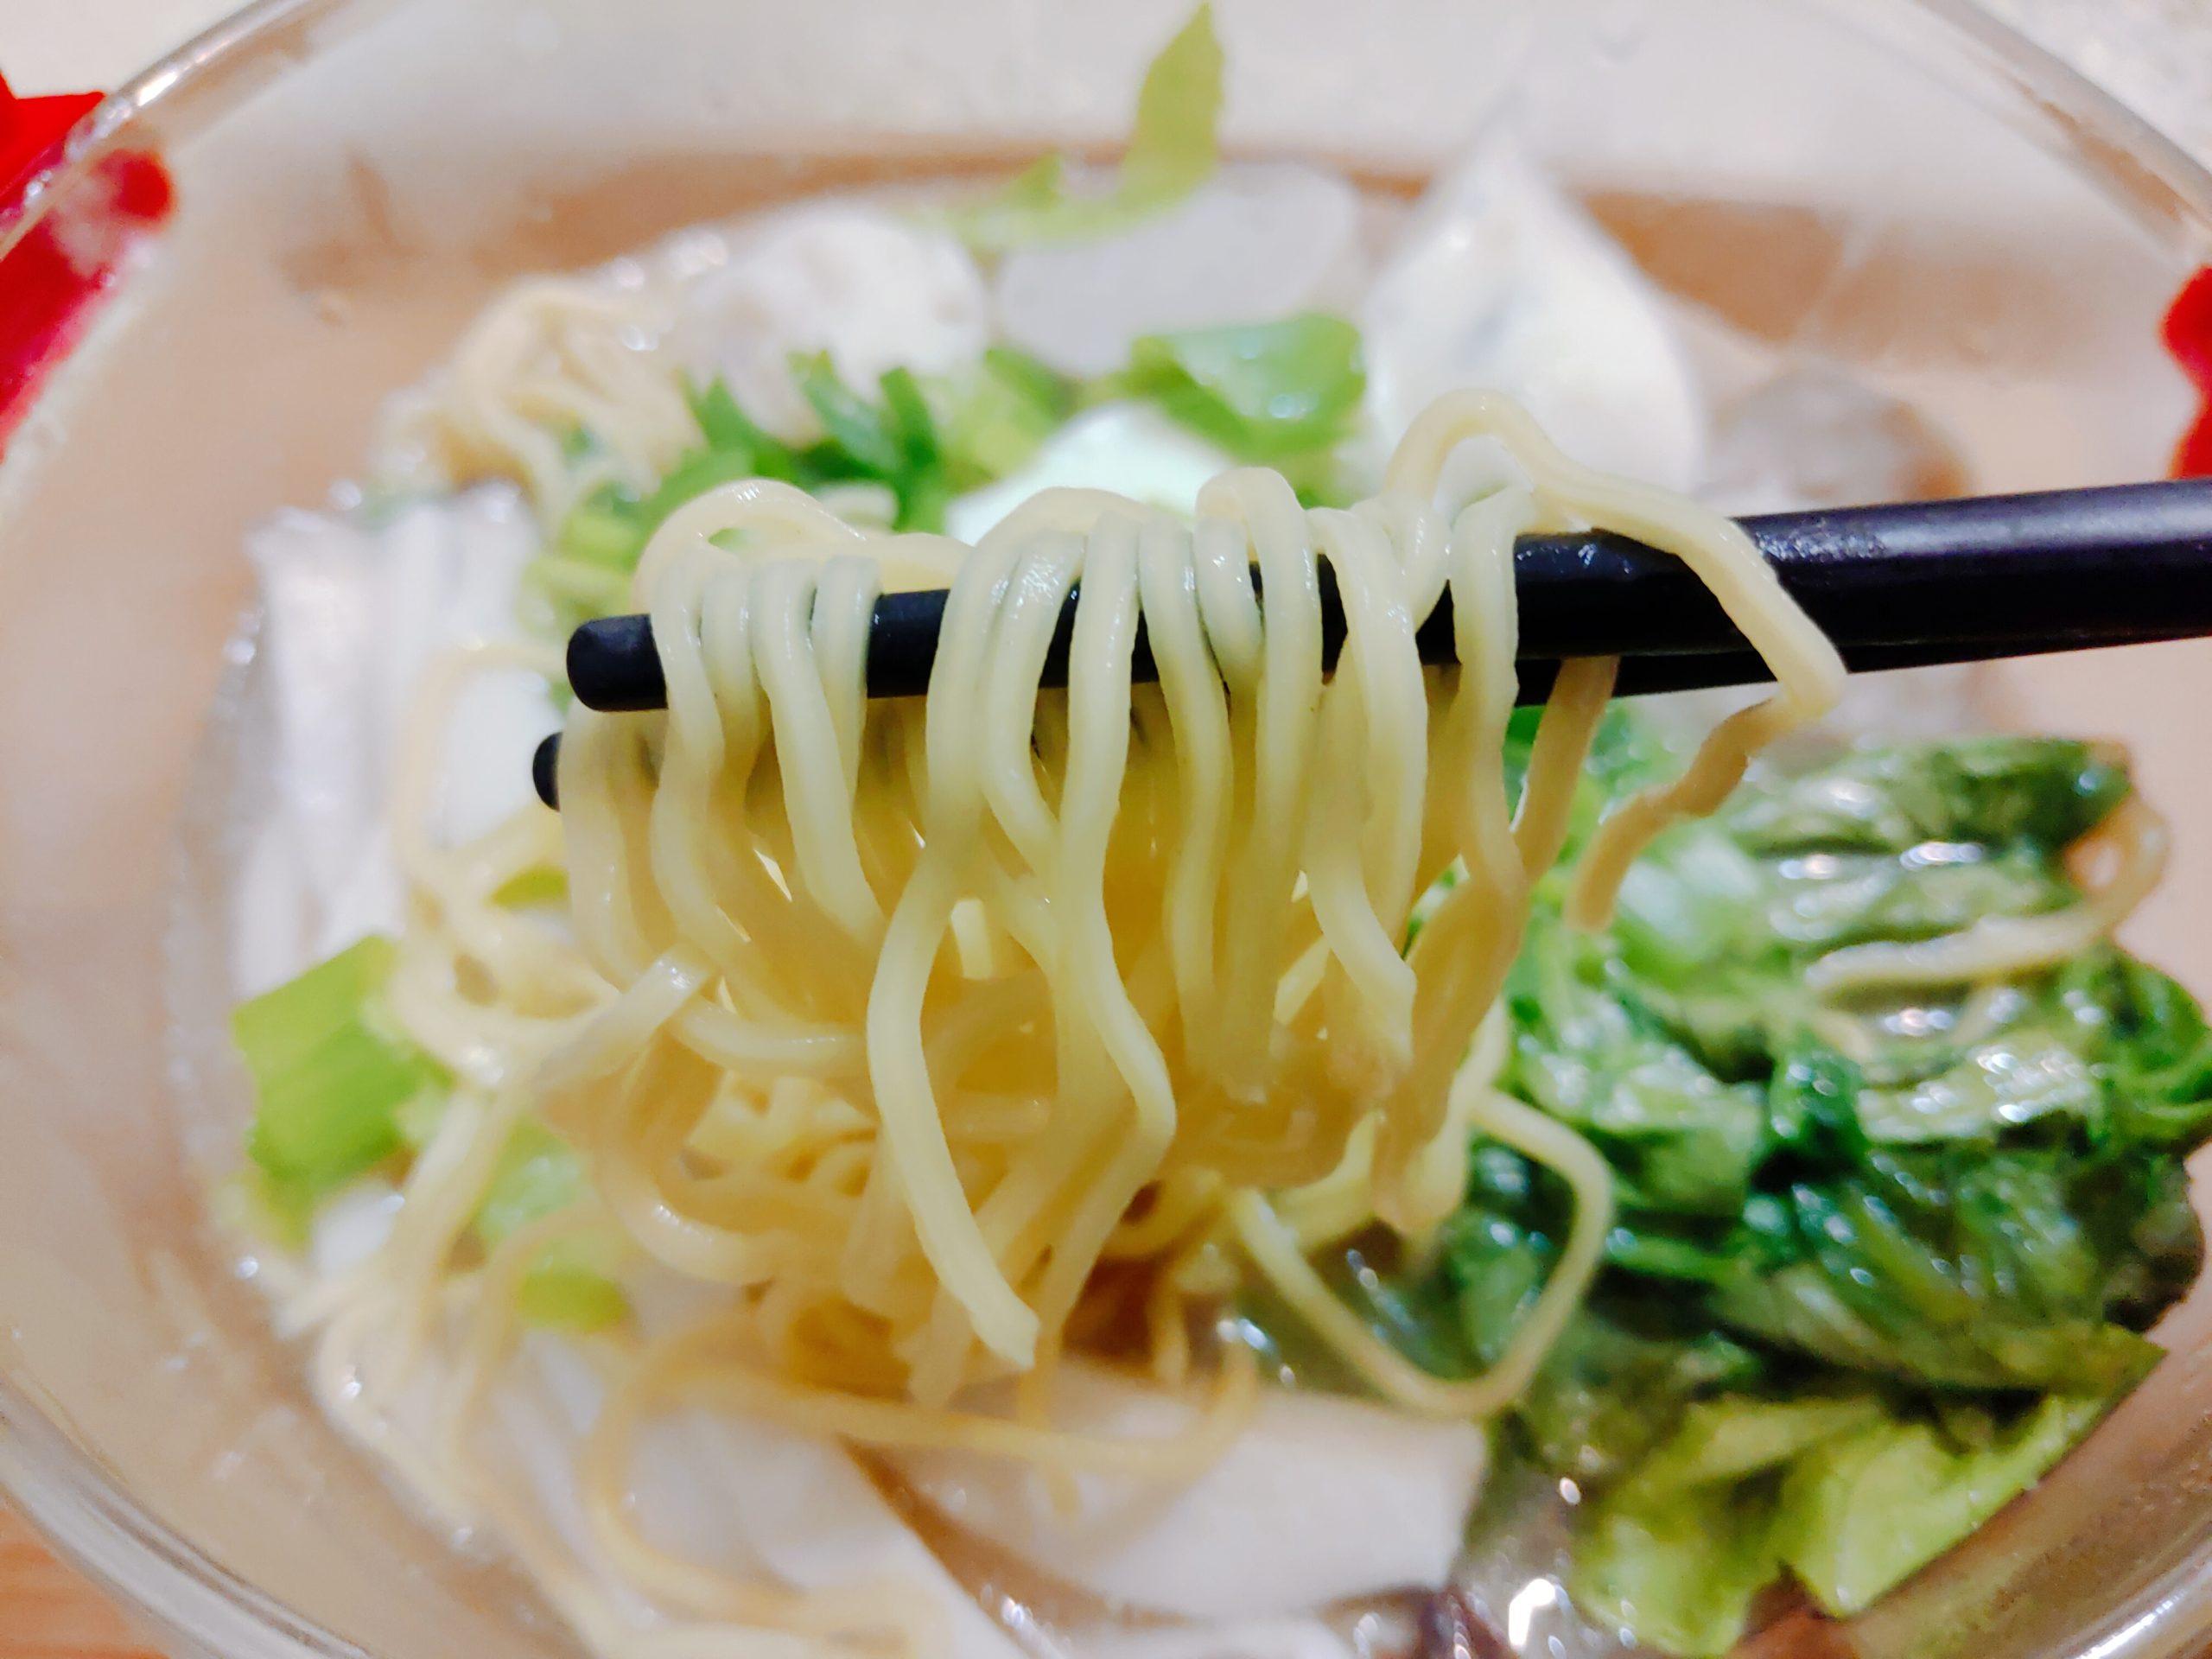 【試吃】MOHEJI北海道鹽味鮮蝦拉麵|Q彈十足的拉麵配上超絕蝦味湯頭